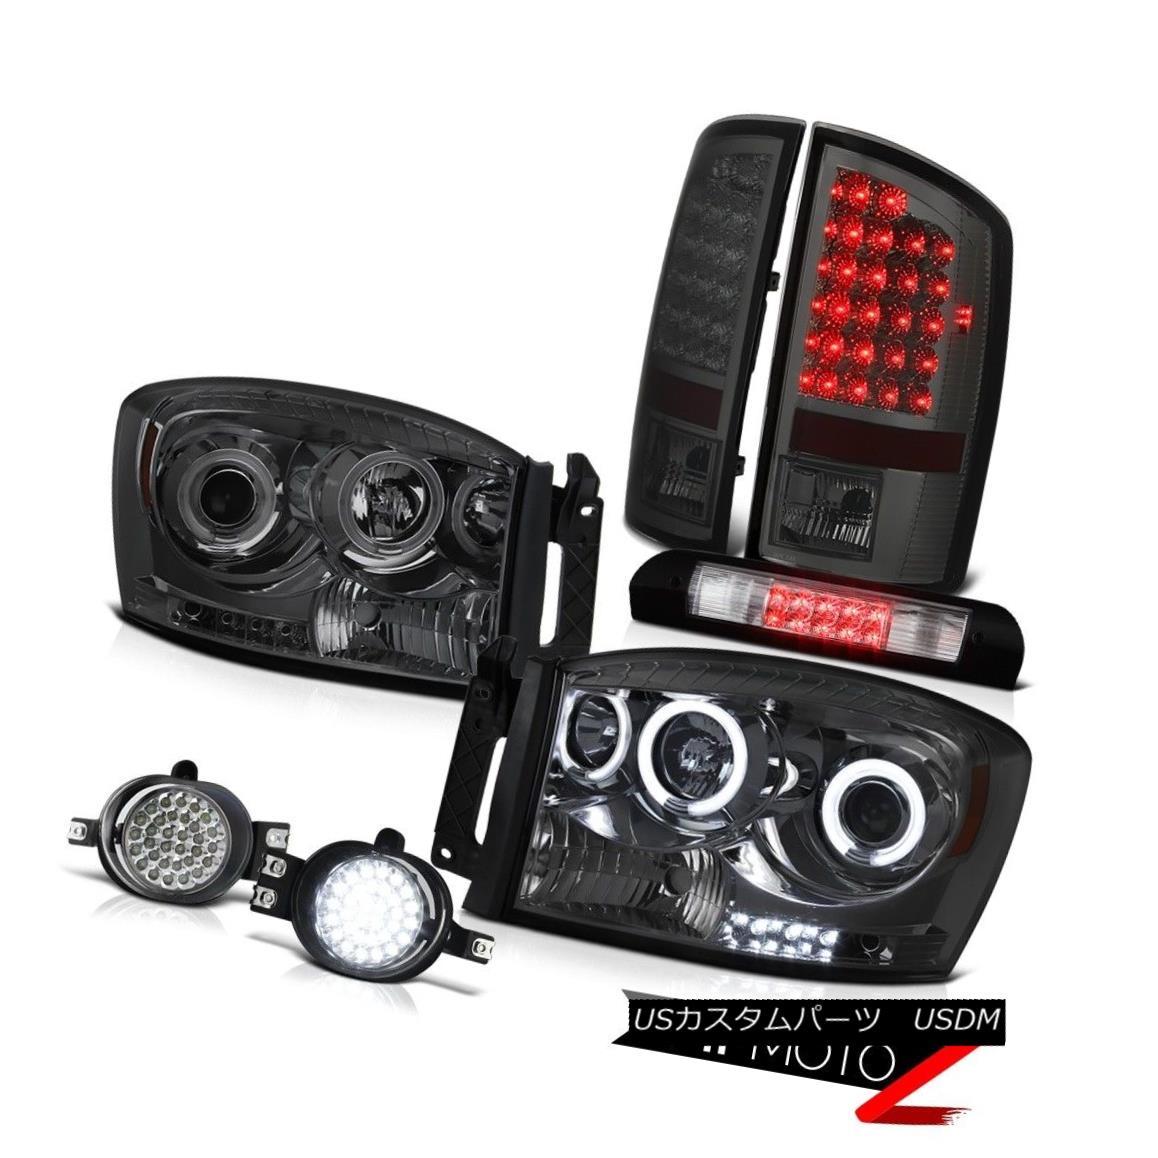 ヘッドライト 07 08 Ram SLT CCFL Fluorescence Headlights Smoke Tail Lights LED Fog Third Brake 07 08 Ram SLT CCFL蛍光灯ヘッドライトスモークテールライトLEDフォグ第3ブレーキ